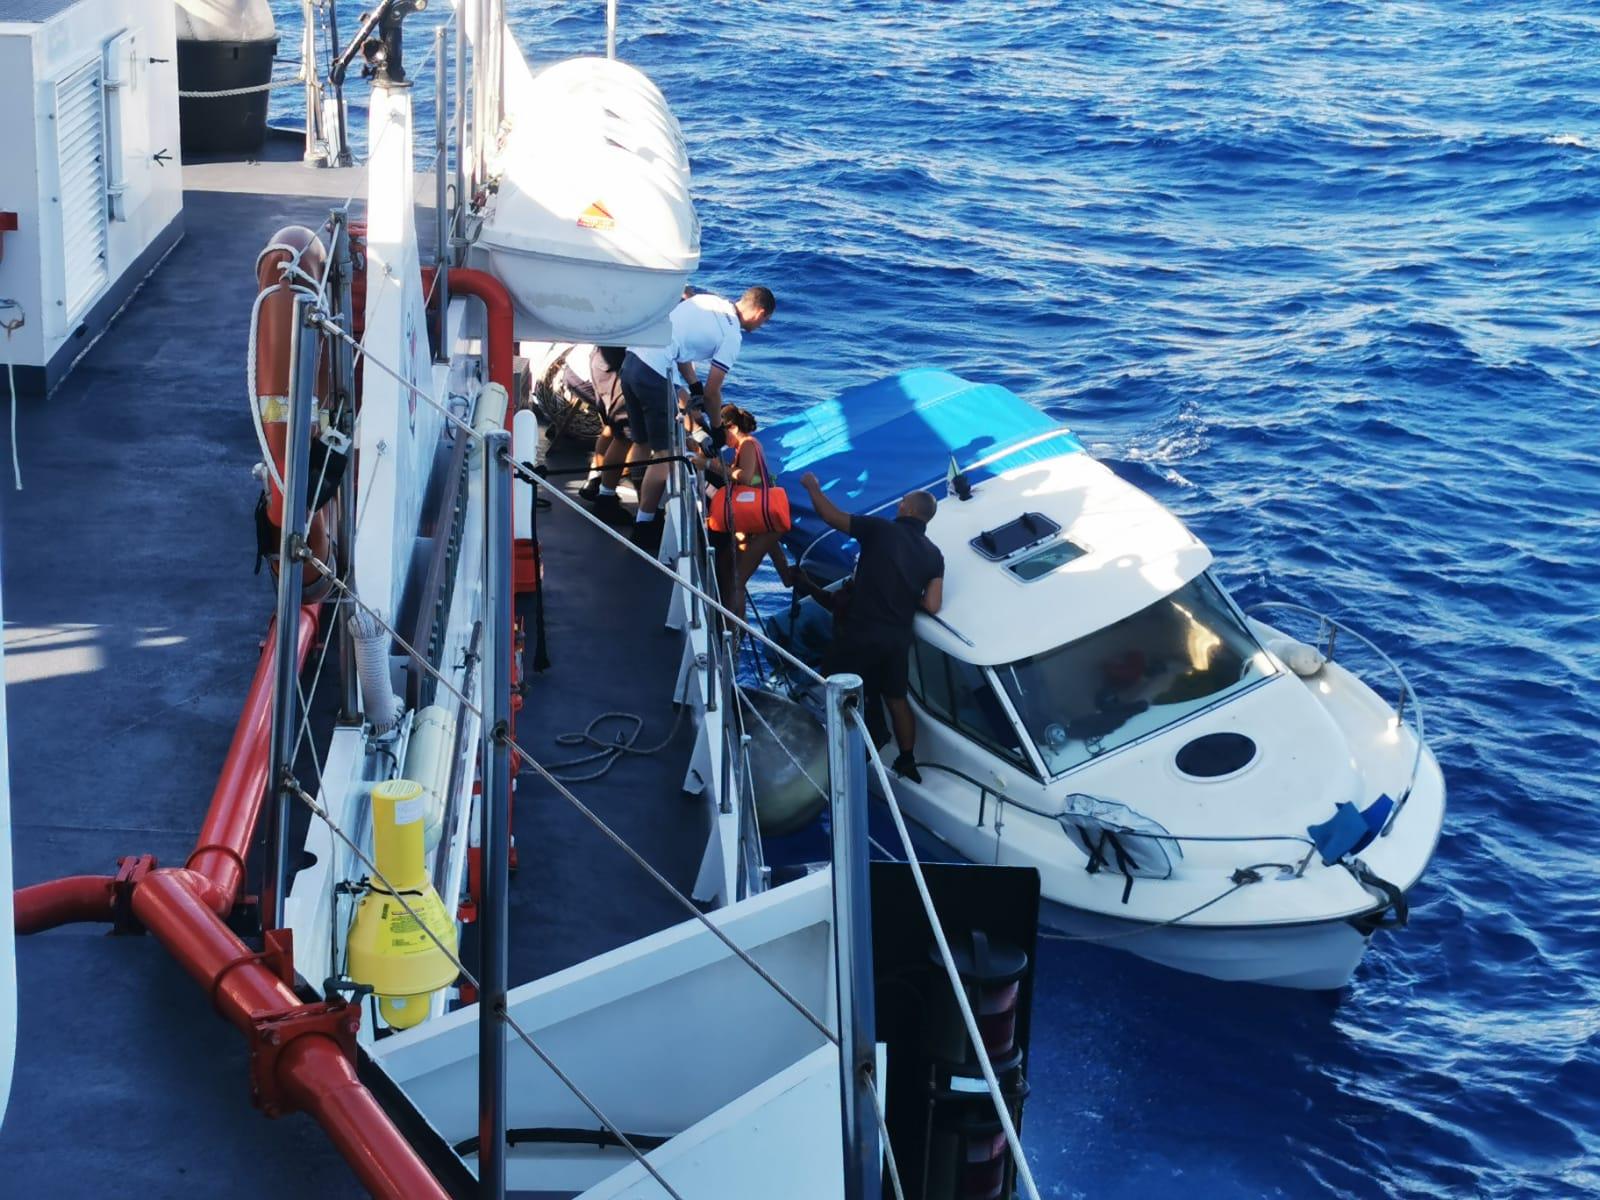 Falla a bordo, rischiano di affondare: brutta avventura per 5 diportisti